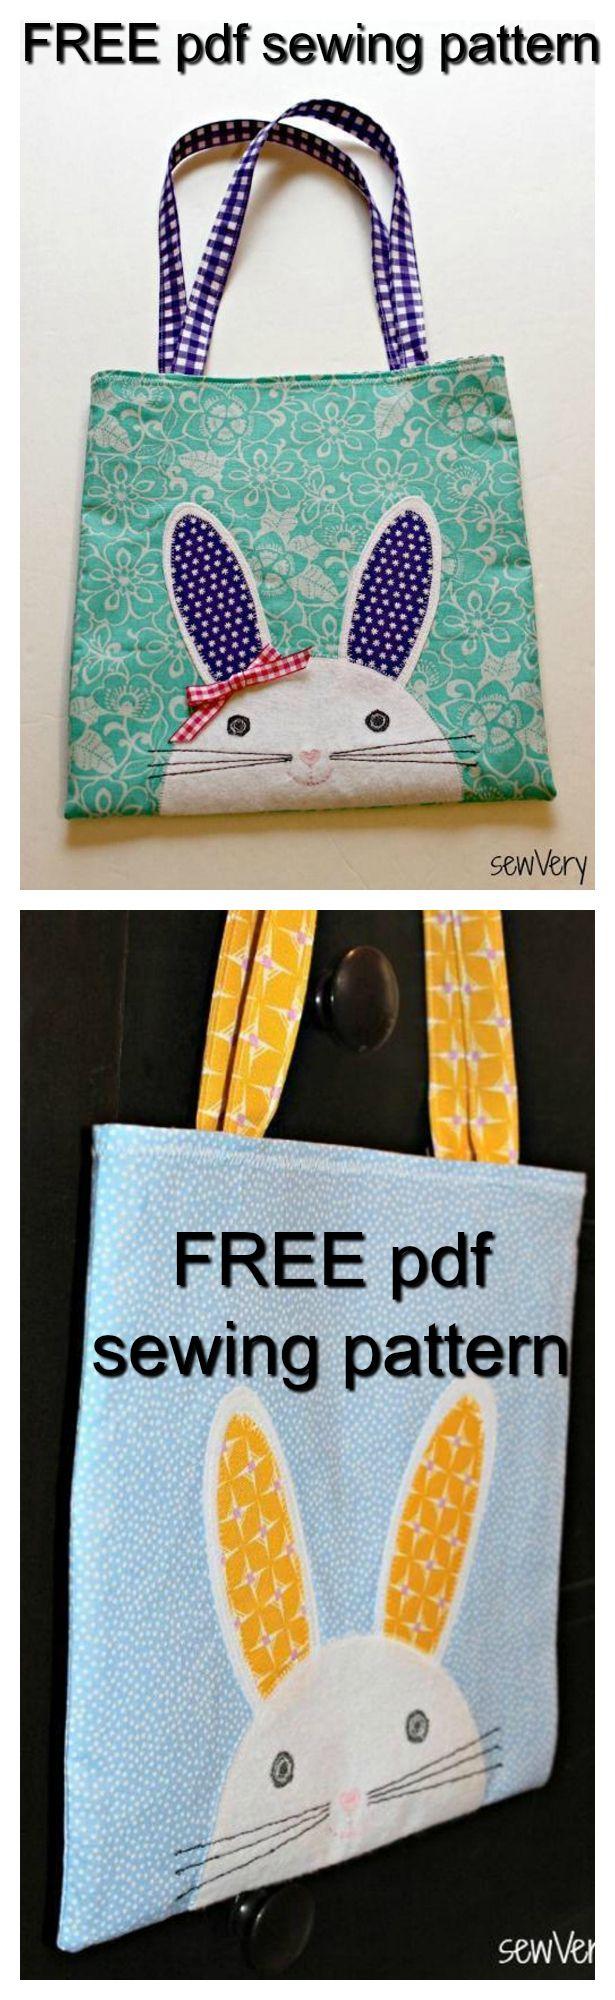 best 25 bunny face ideas on pinterest boo boo bunny towel